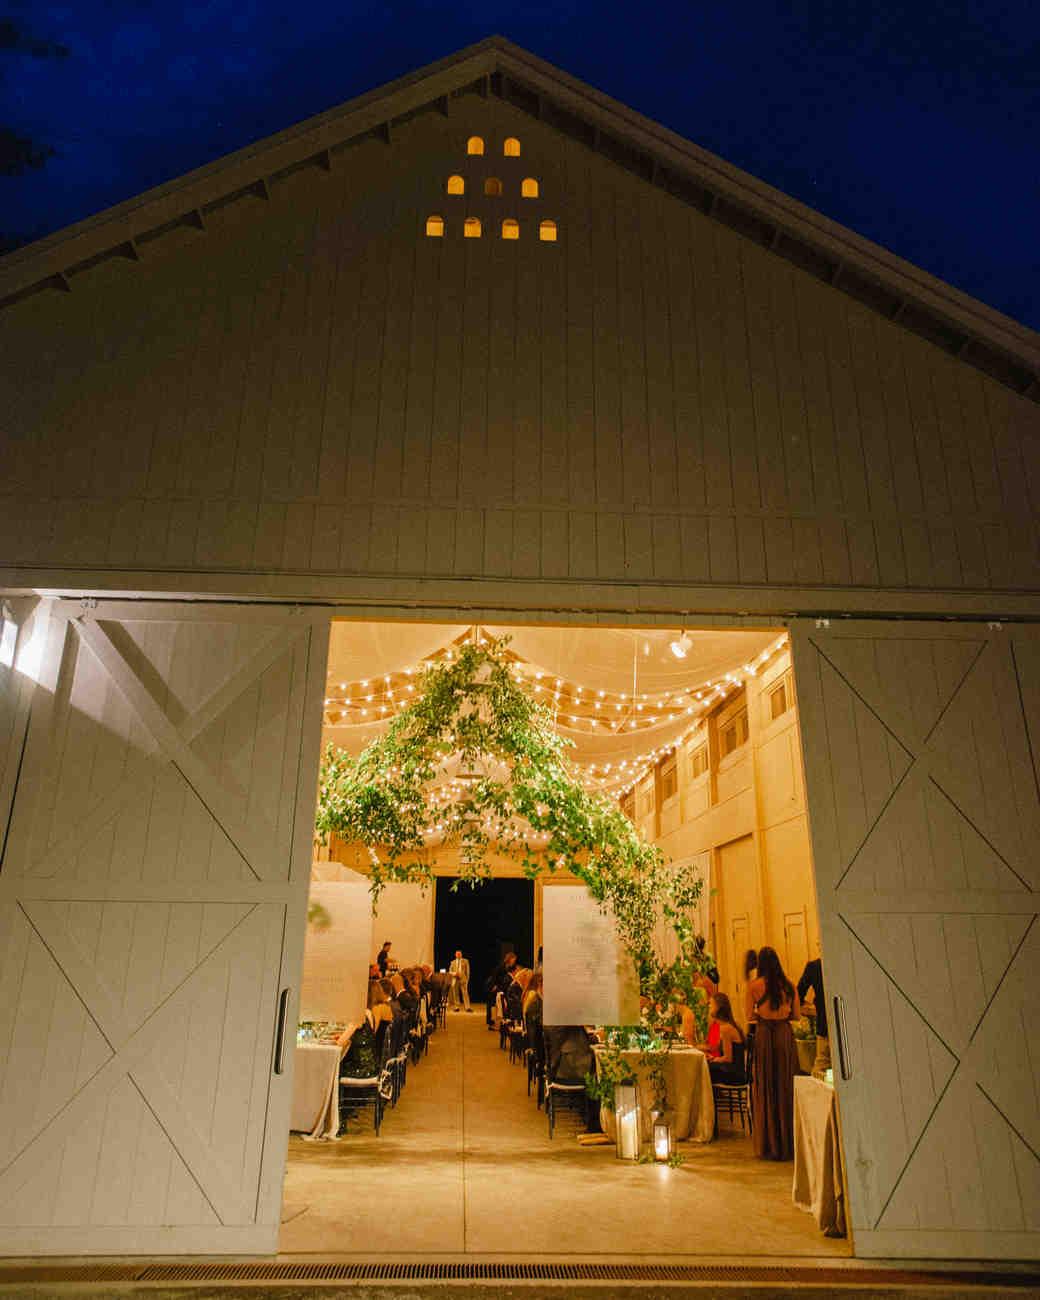 kristina-barrett-wedding-martha-farm-6849-cjl-d112491.jpg